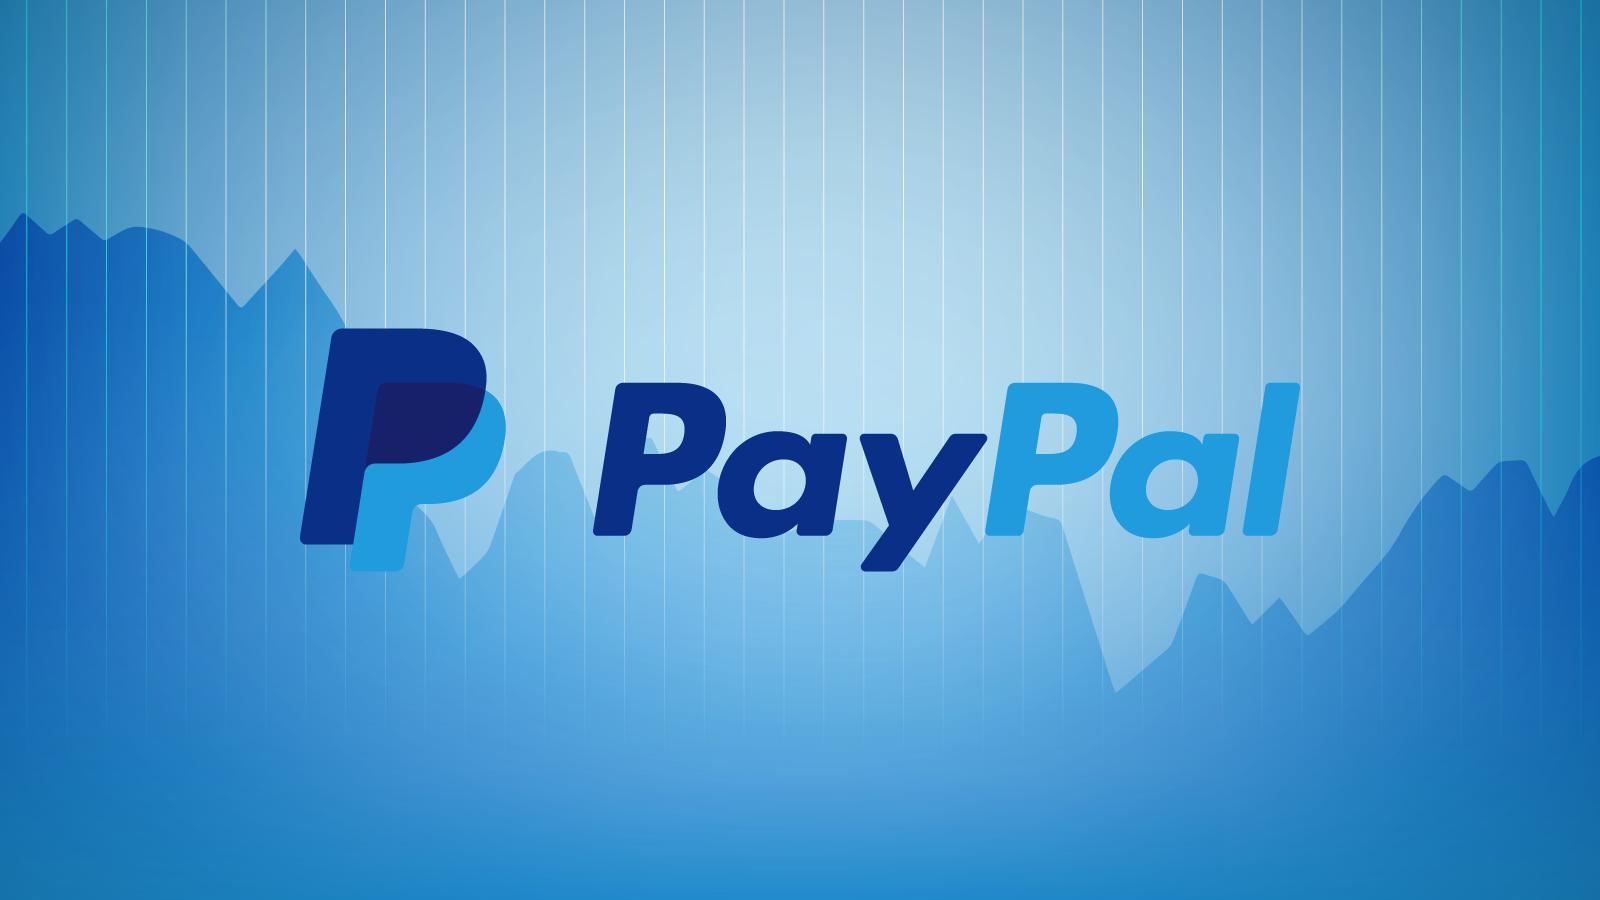 Paypalがチェコの3Dプリンターメーカーの口座を凍結